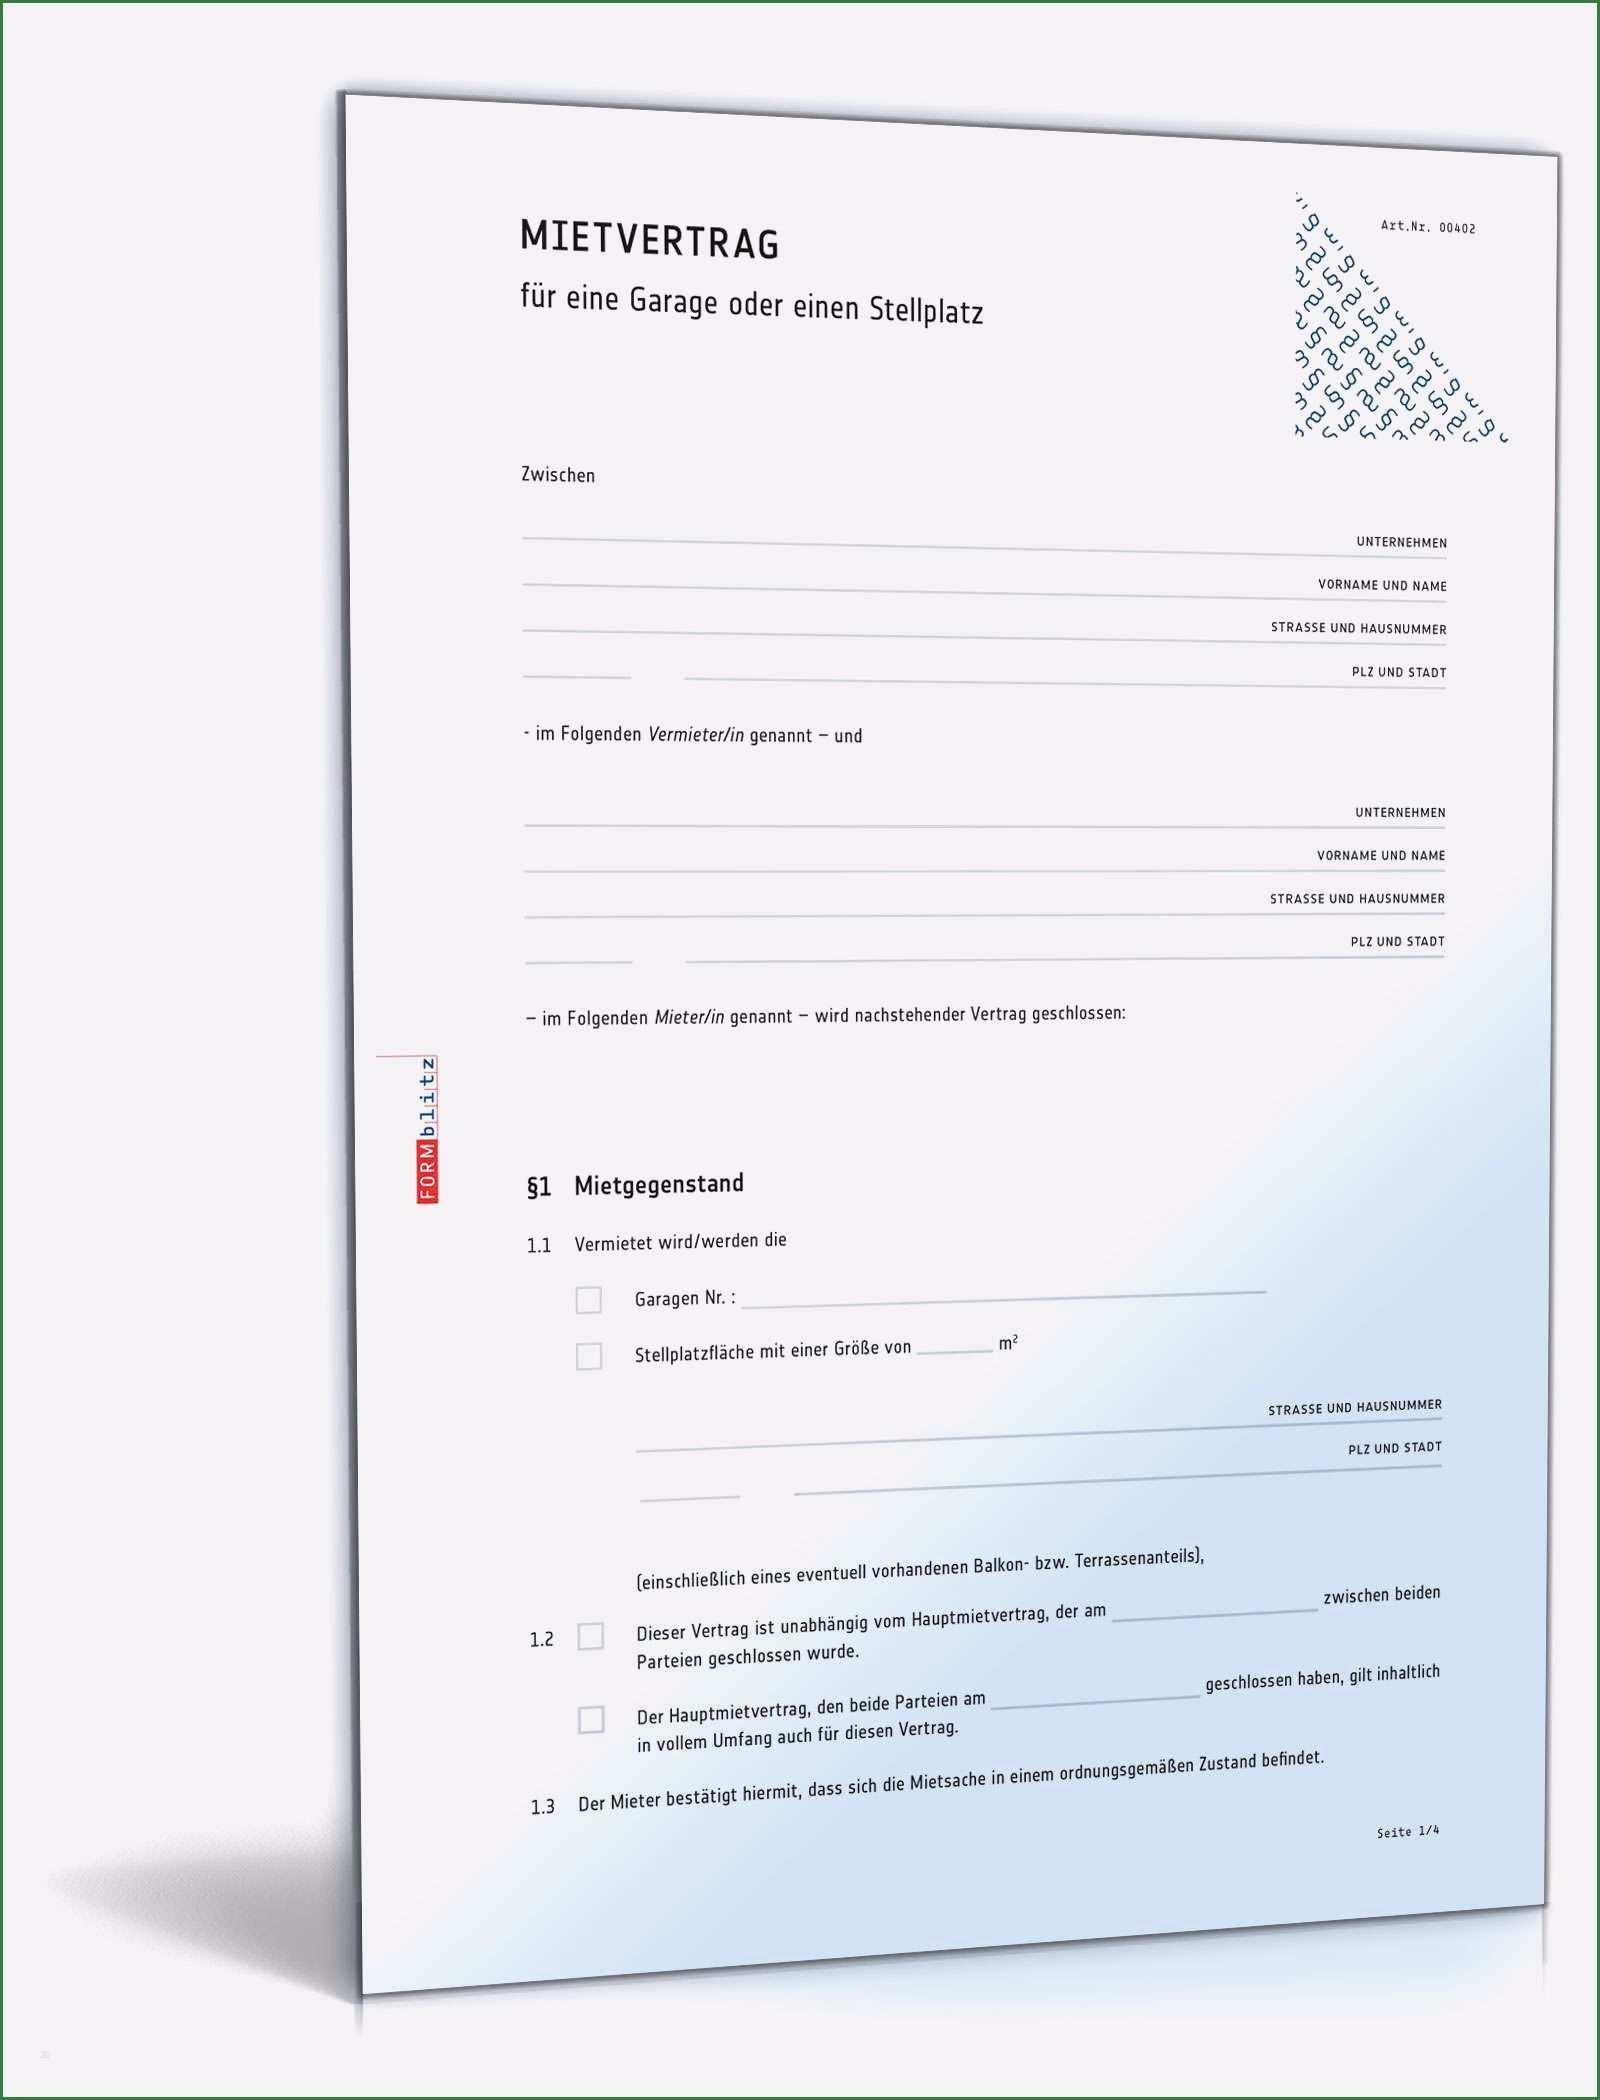 14 Wunderbar Mietvertrag Stellplatz Vorlage Von 2020 Vorlagen Word Excel Vorlage Rechnung Vorlage